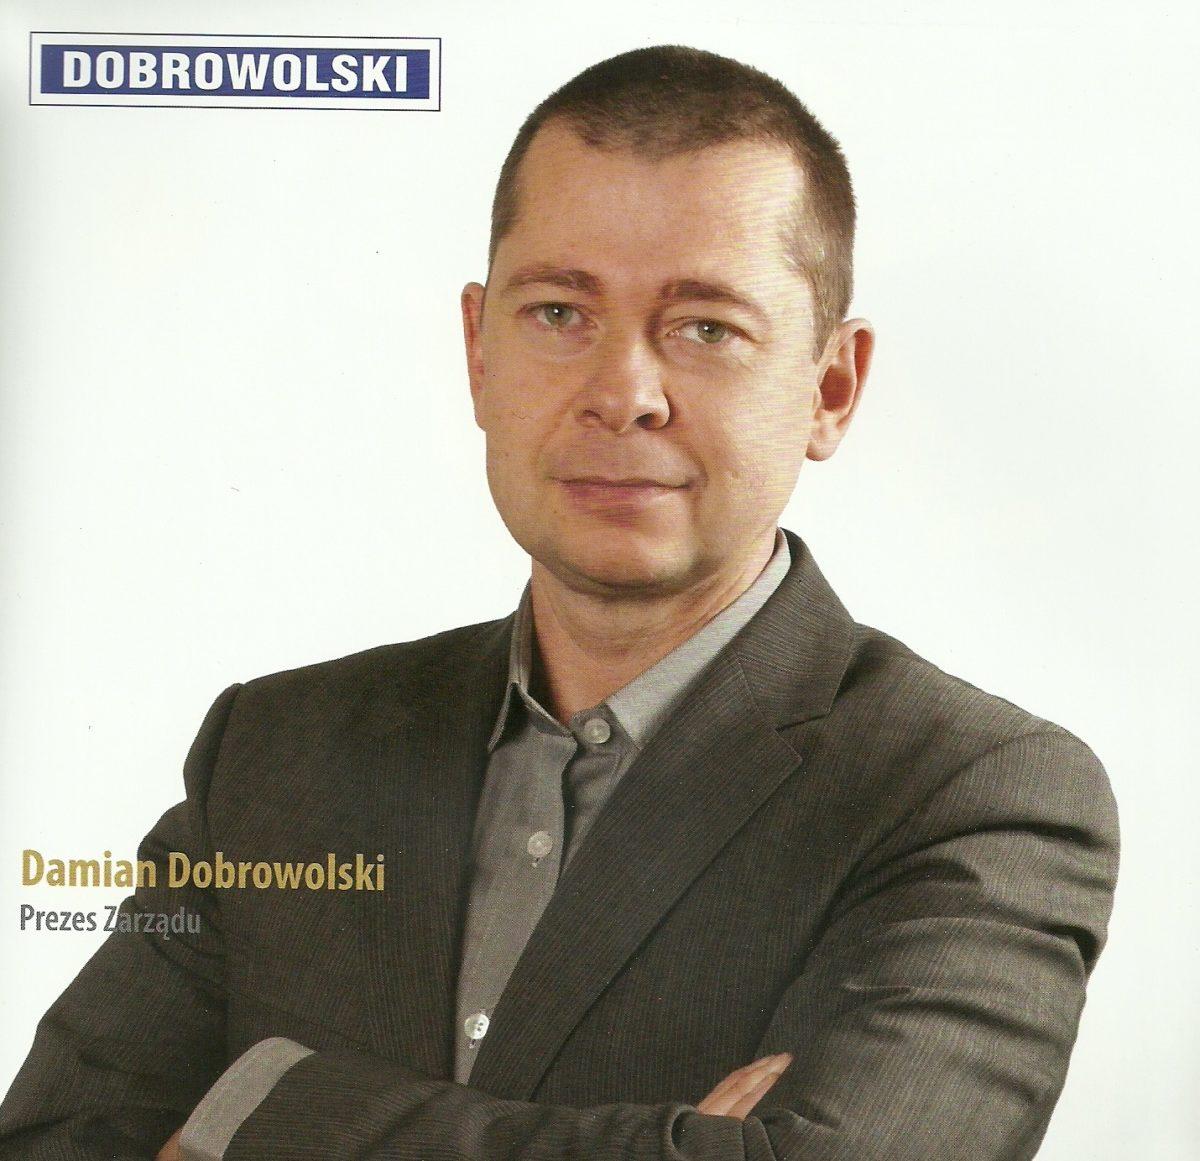 Damian Dobrowolski